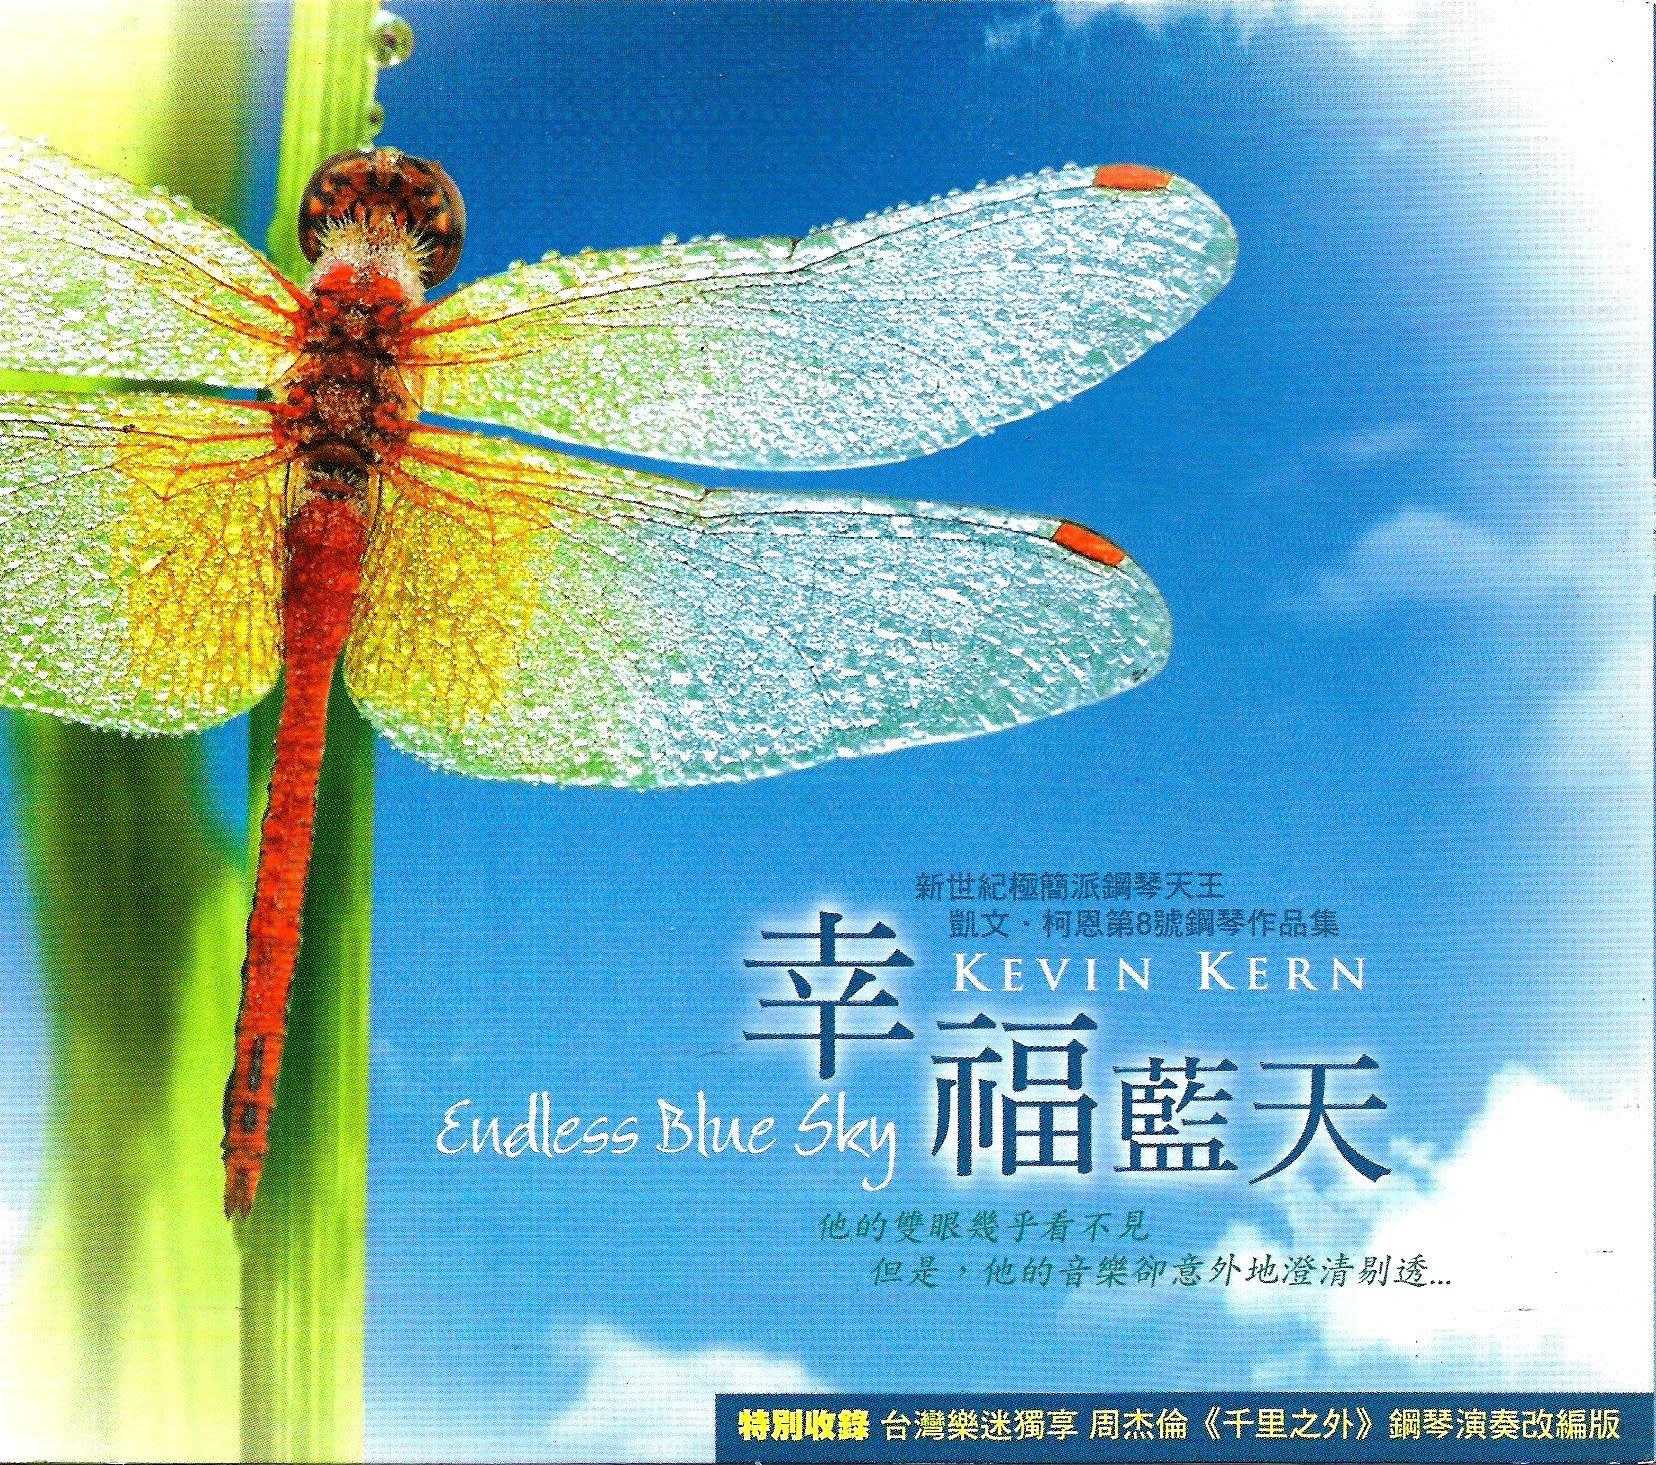 凱文柯恩Kevin Kern / 幸福藍天ENDLESS BLUE SKY